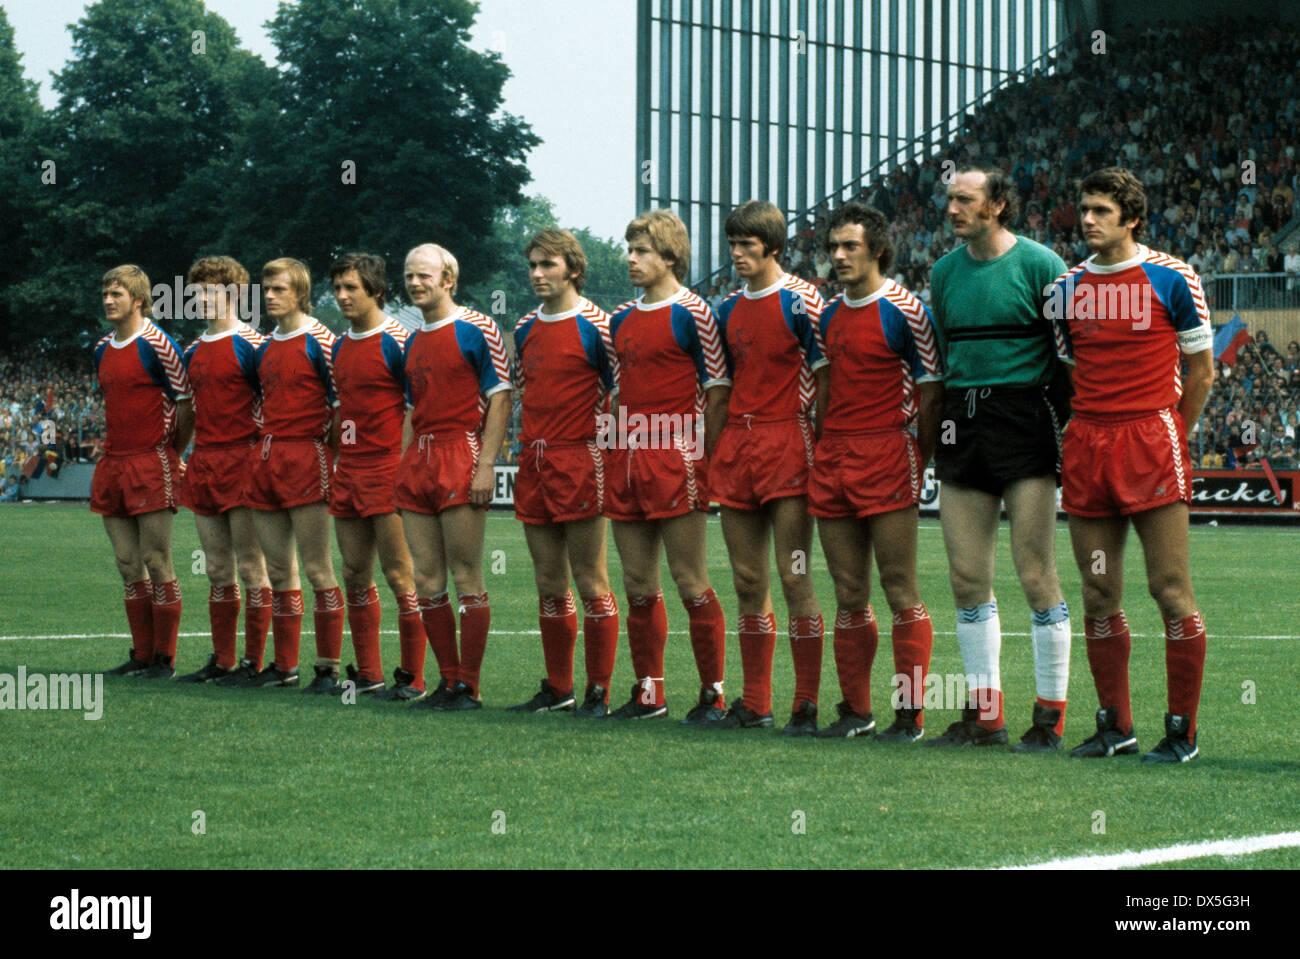 football, 2. Bundesliga Nord, 2. Bundesliga Sued, 1974/1975, relegation match to Bundesliga 1975/1976, return leg, Grotenburg Stadium in Krefeld, FC Bayer 05 Uerdingen versus FK Pirmasens 6:0, team shot Uerdingen, f.l.t.r. Peter Falter, Ludwig Lurz, Klaus - Stock Image